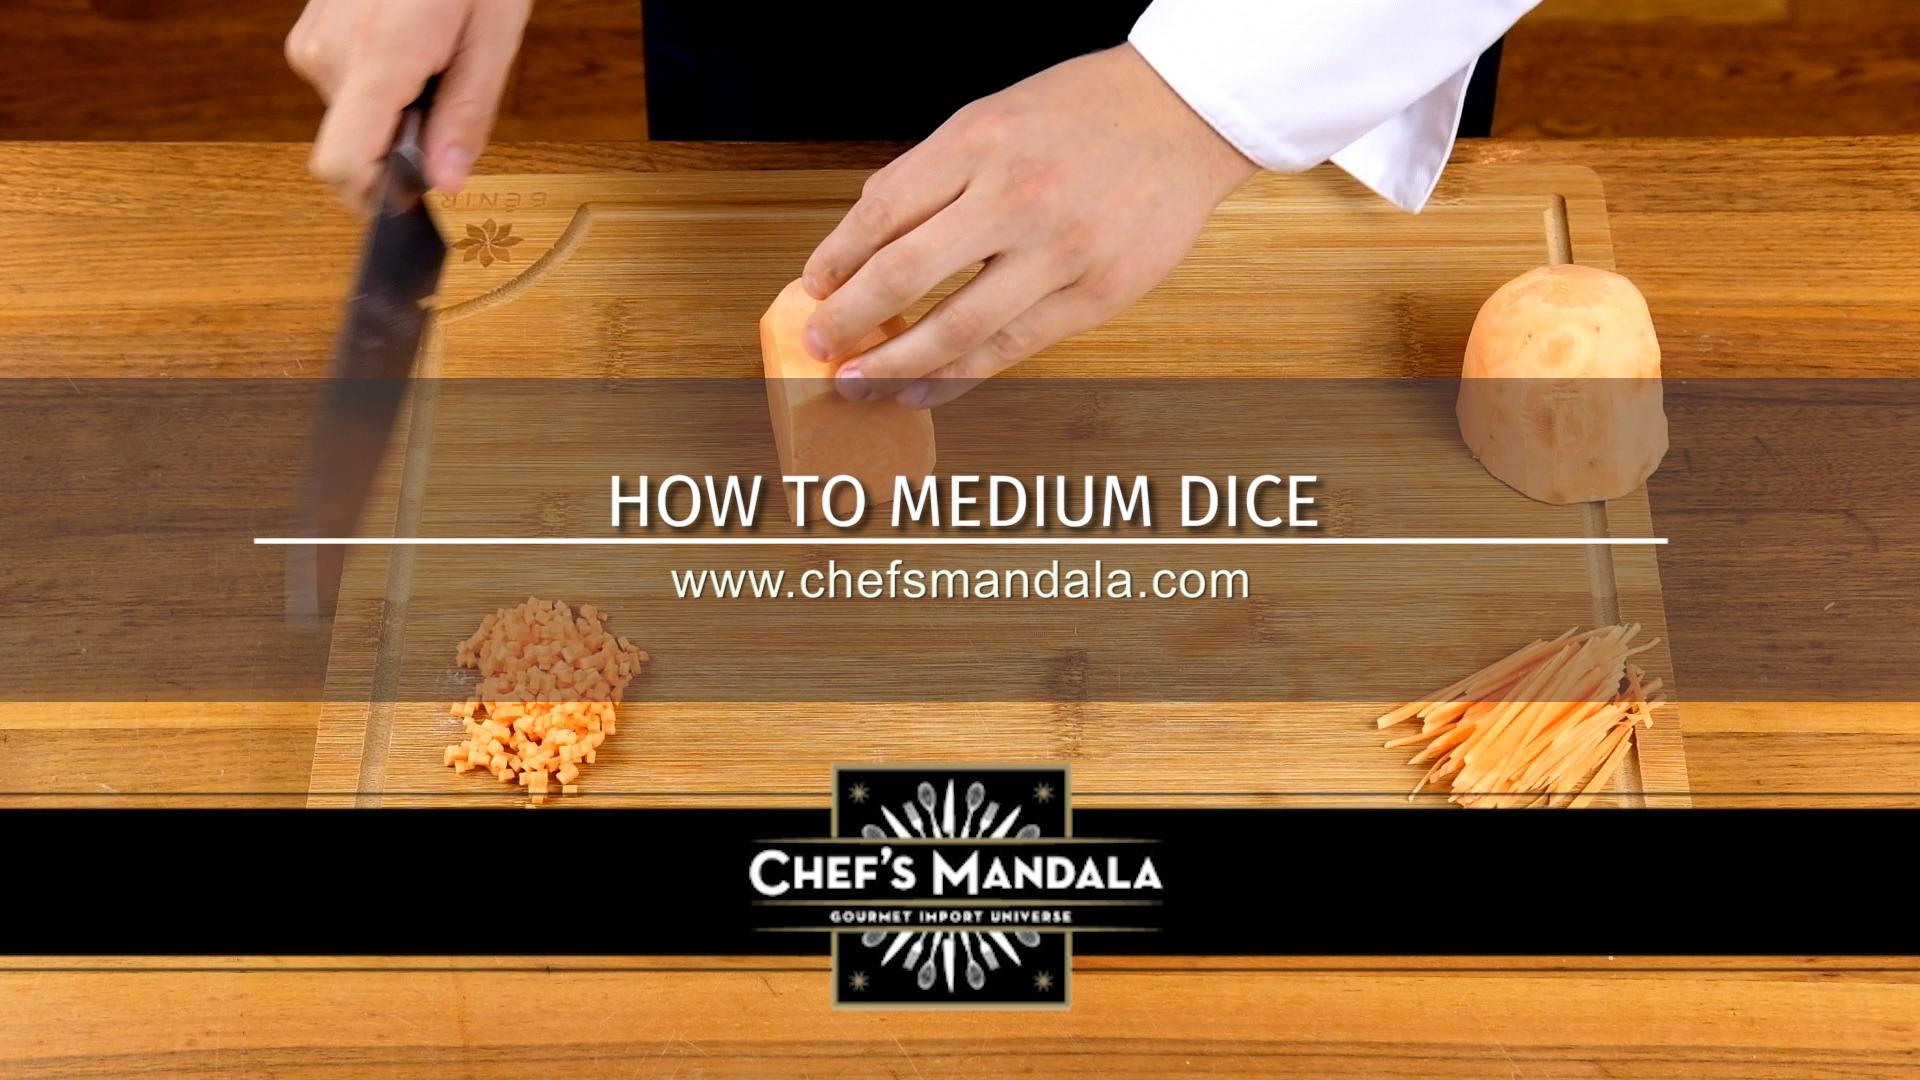 HOW TO MEDIUM DICE